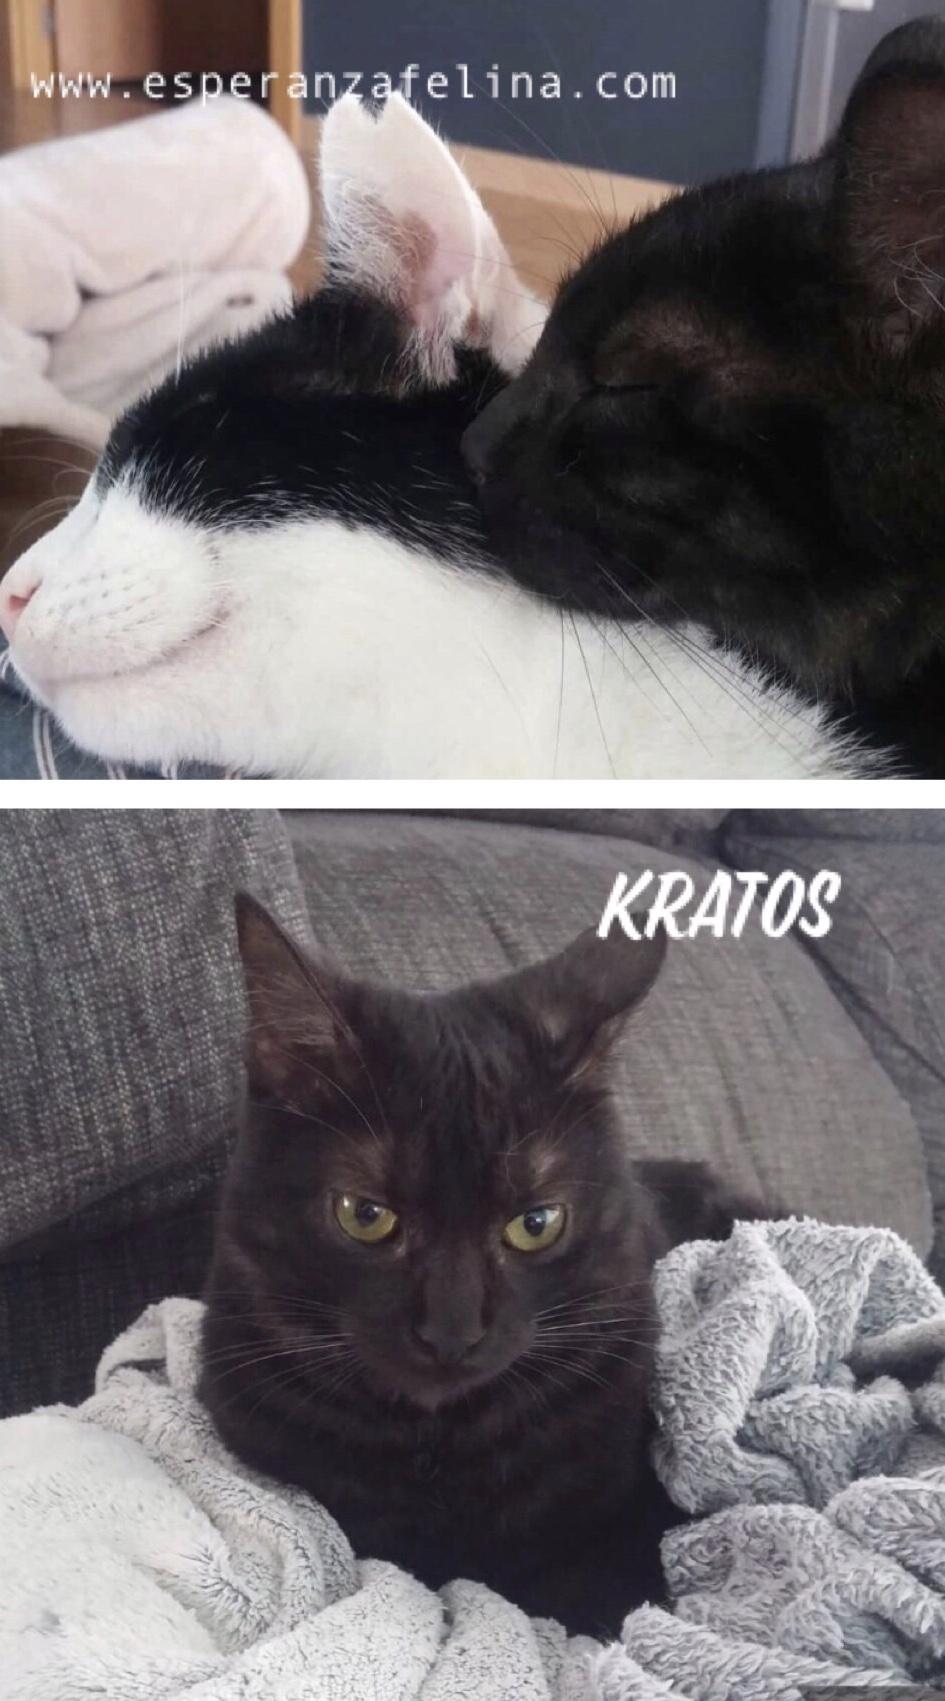 Kratos, tierna panterita en adopción  (f.n.aprox 01/05/18) Kratos11